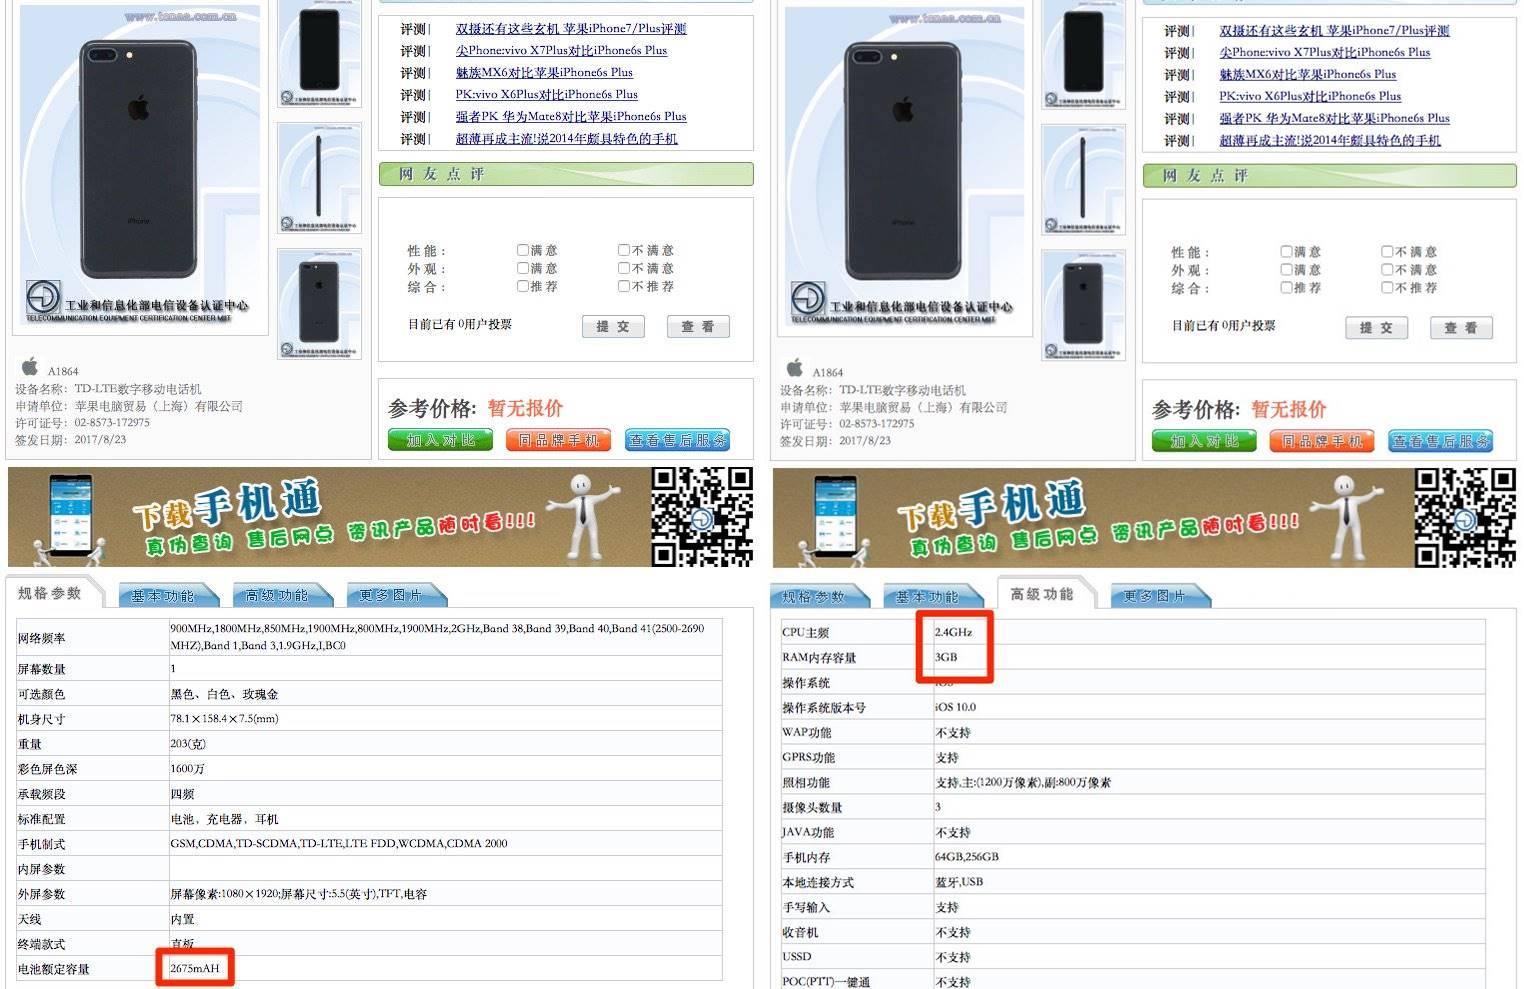 iPhone 8 si iPhone 8 Plus Capacitate Baterii 1